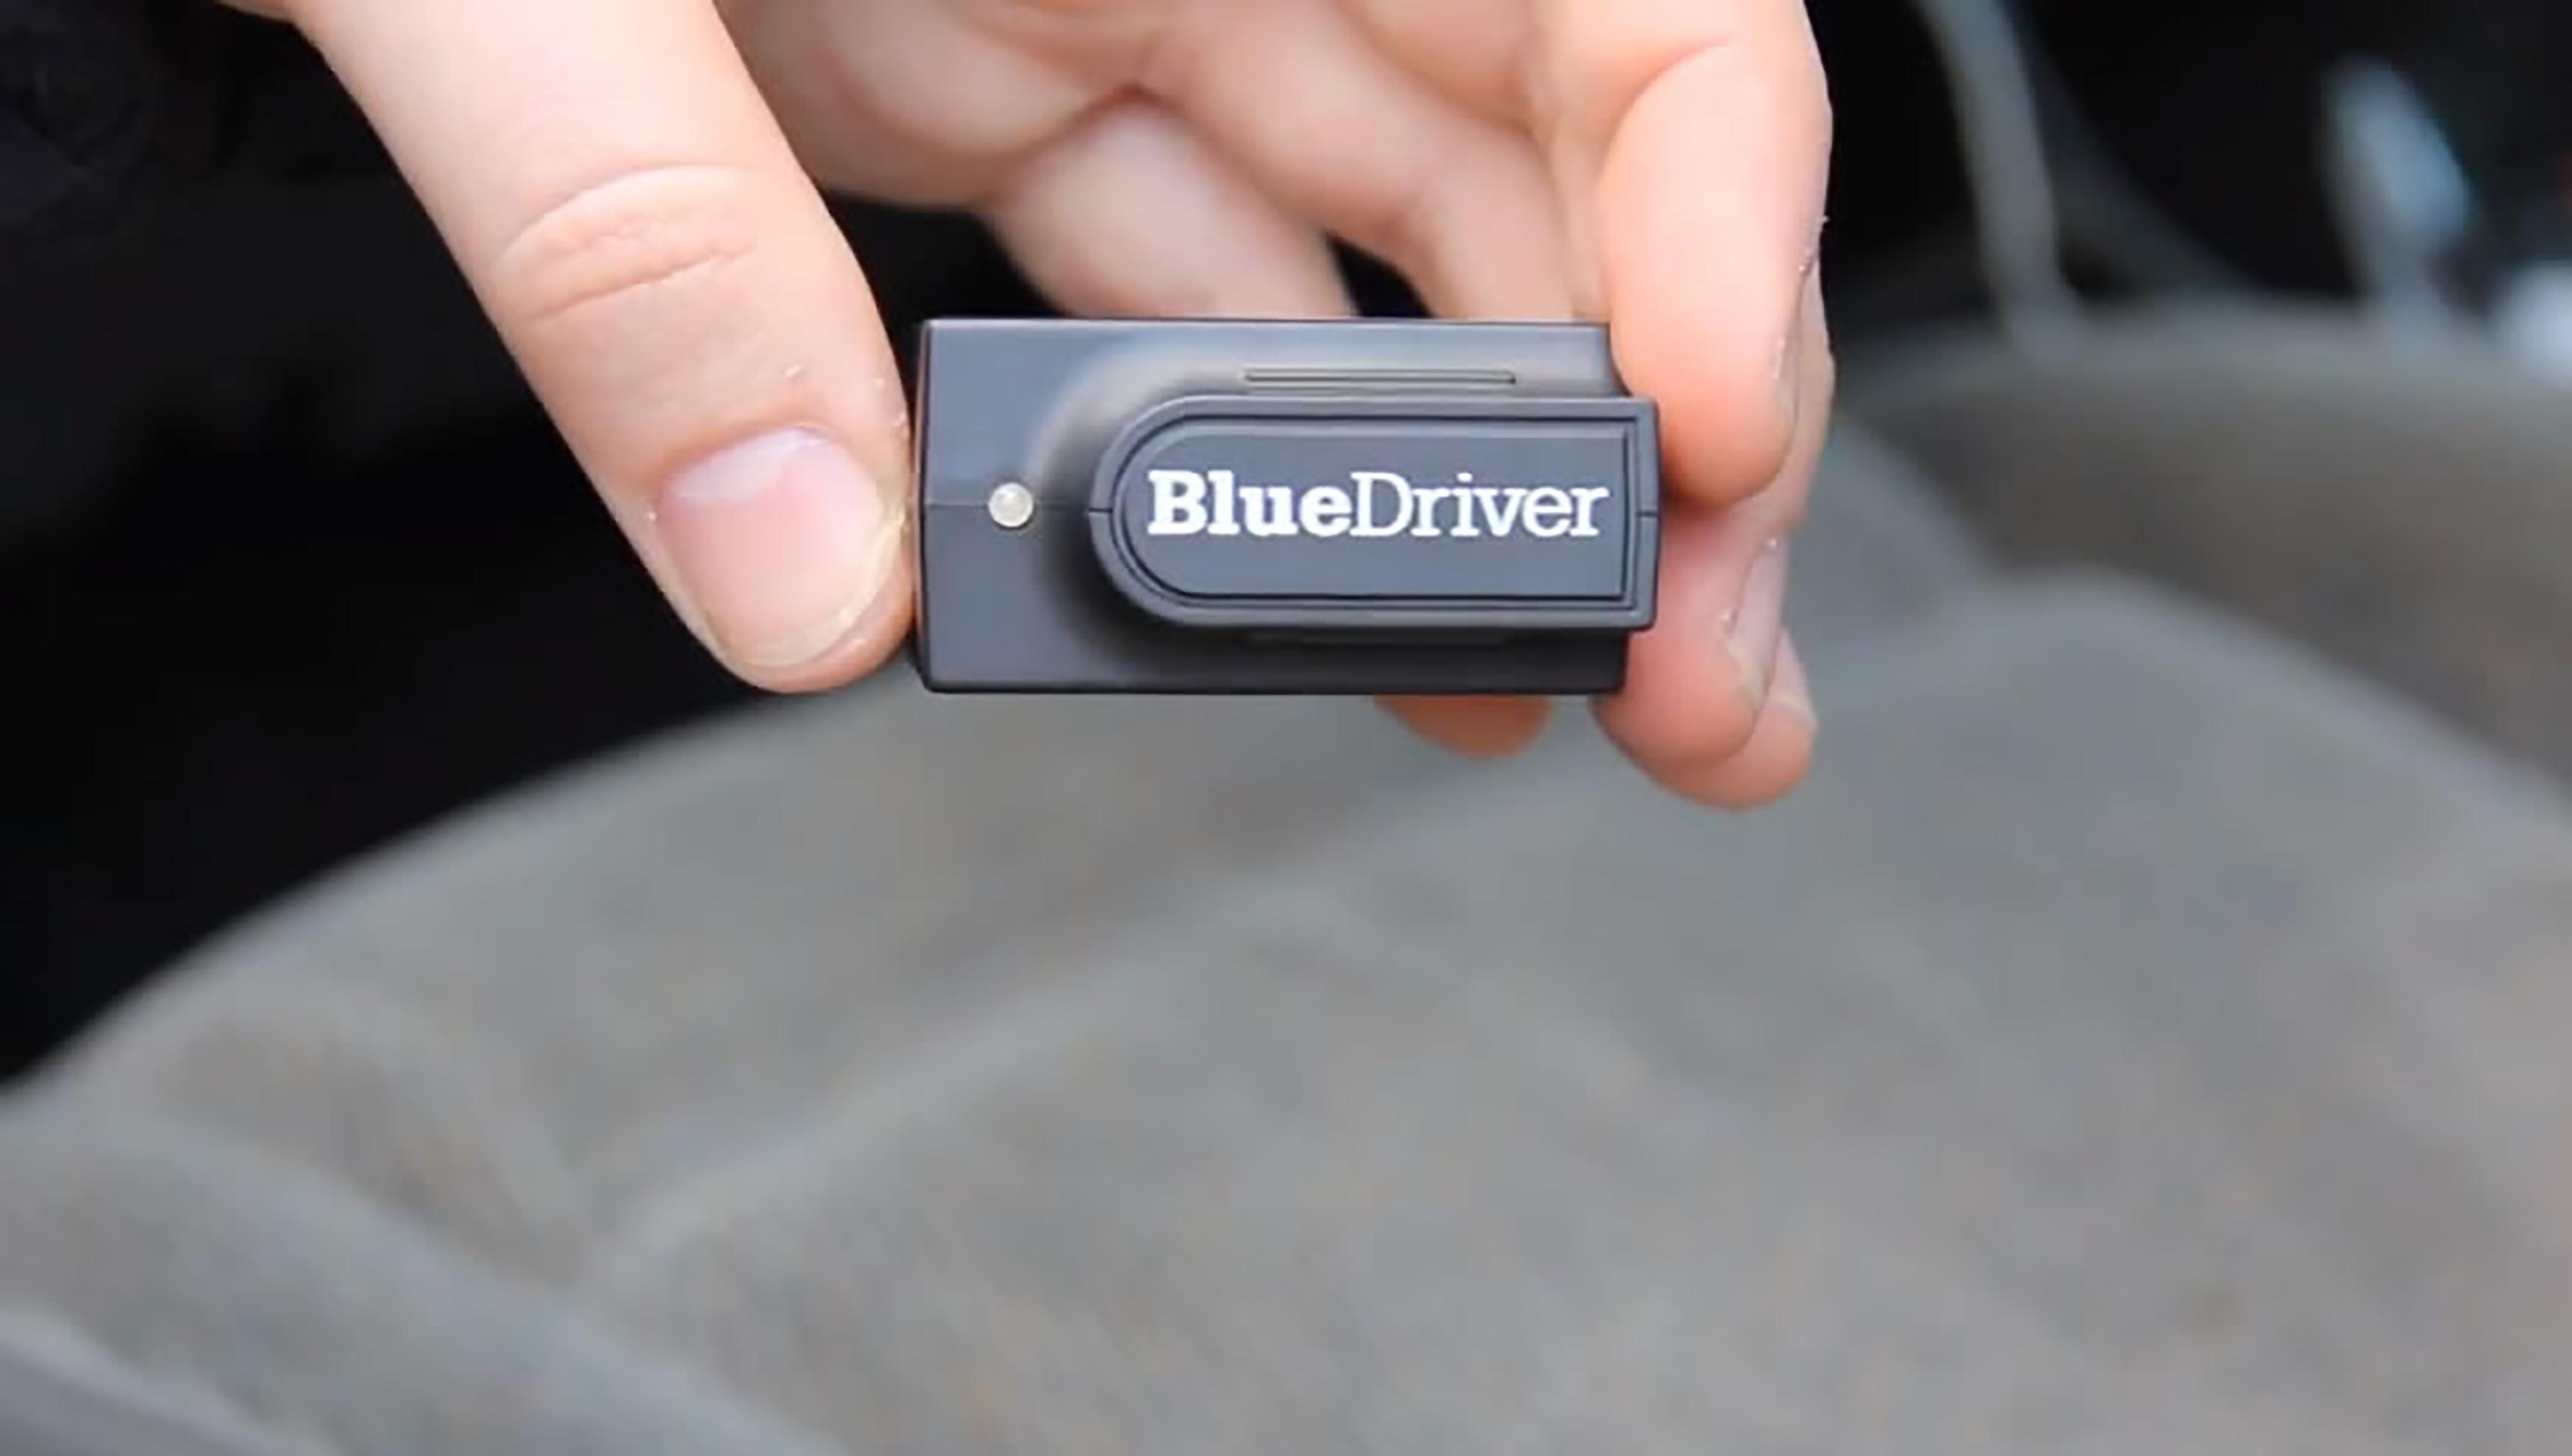 300dpi BlueDriverSensorInHand